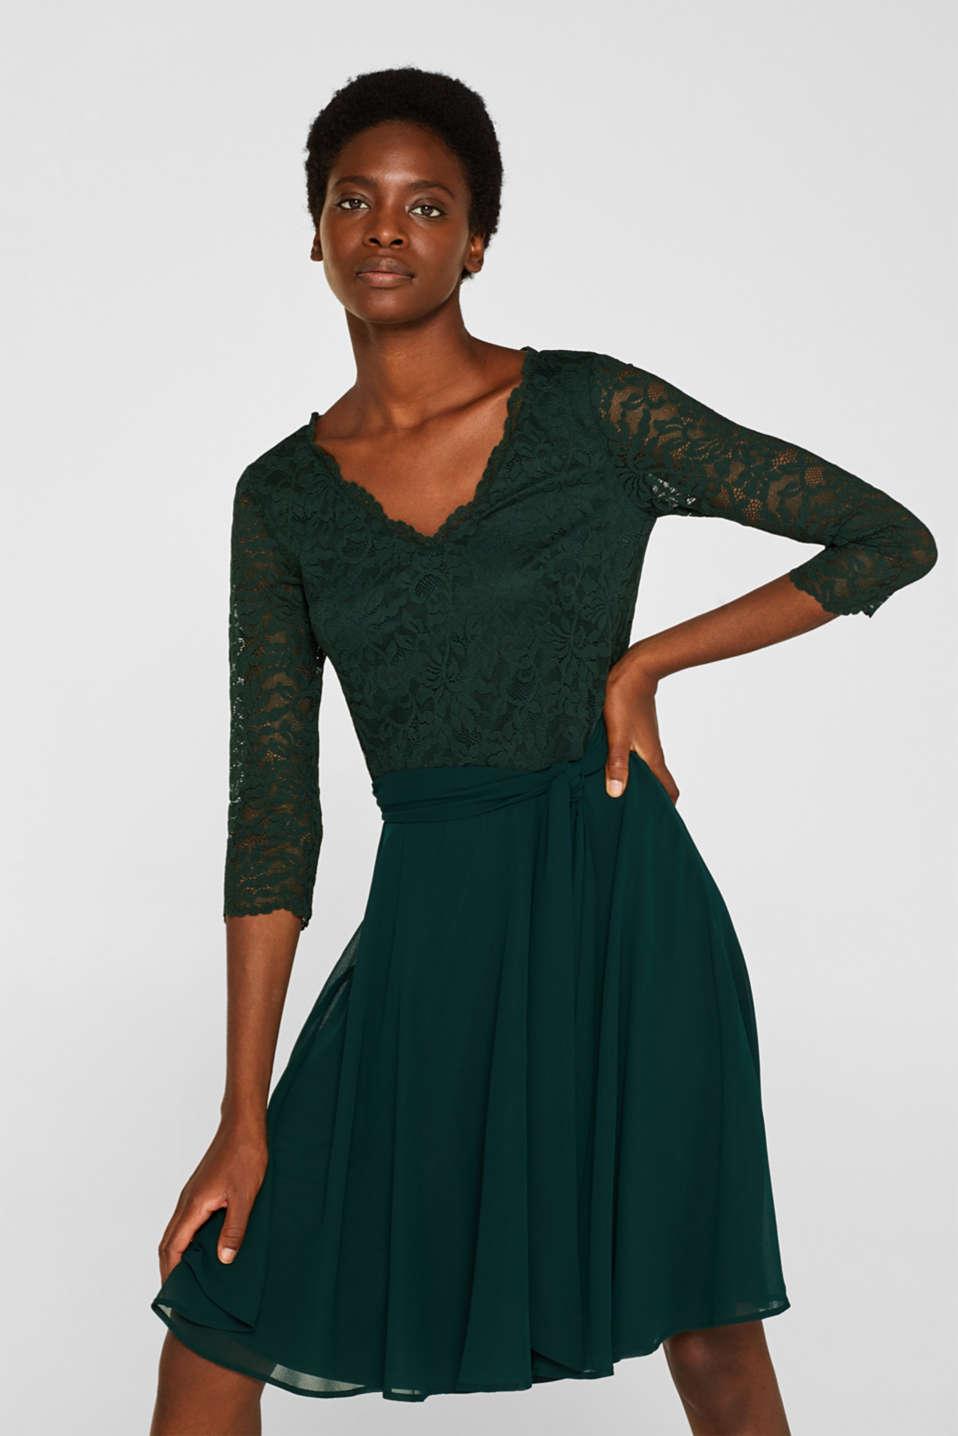 Dress made of lace and chiffon